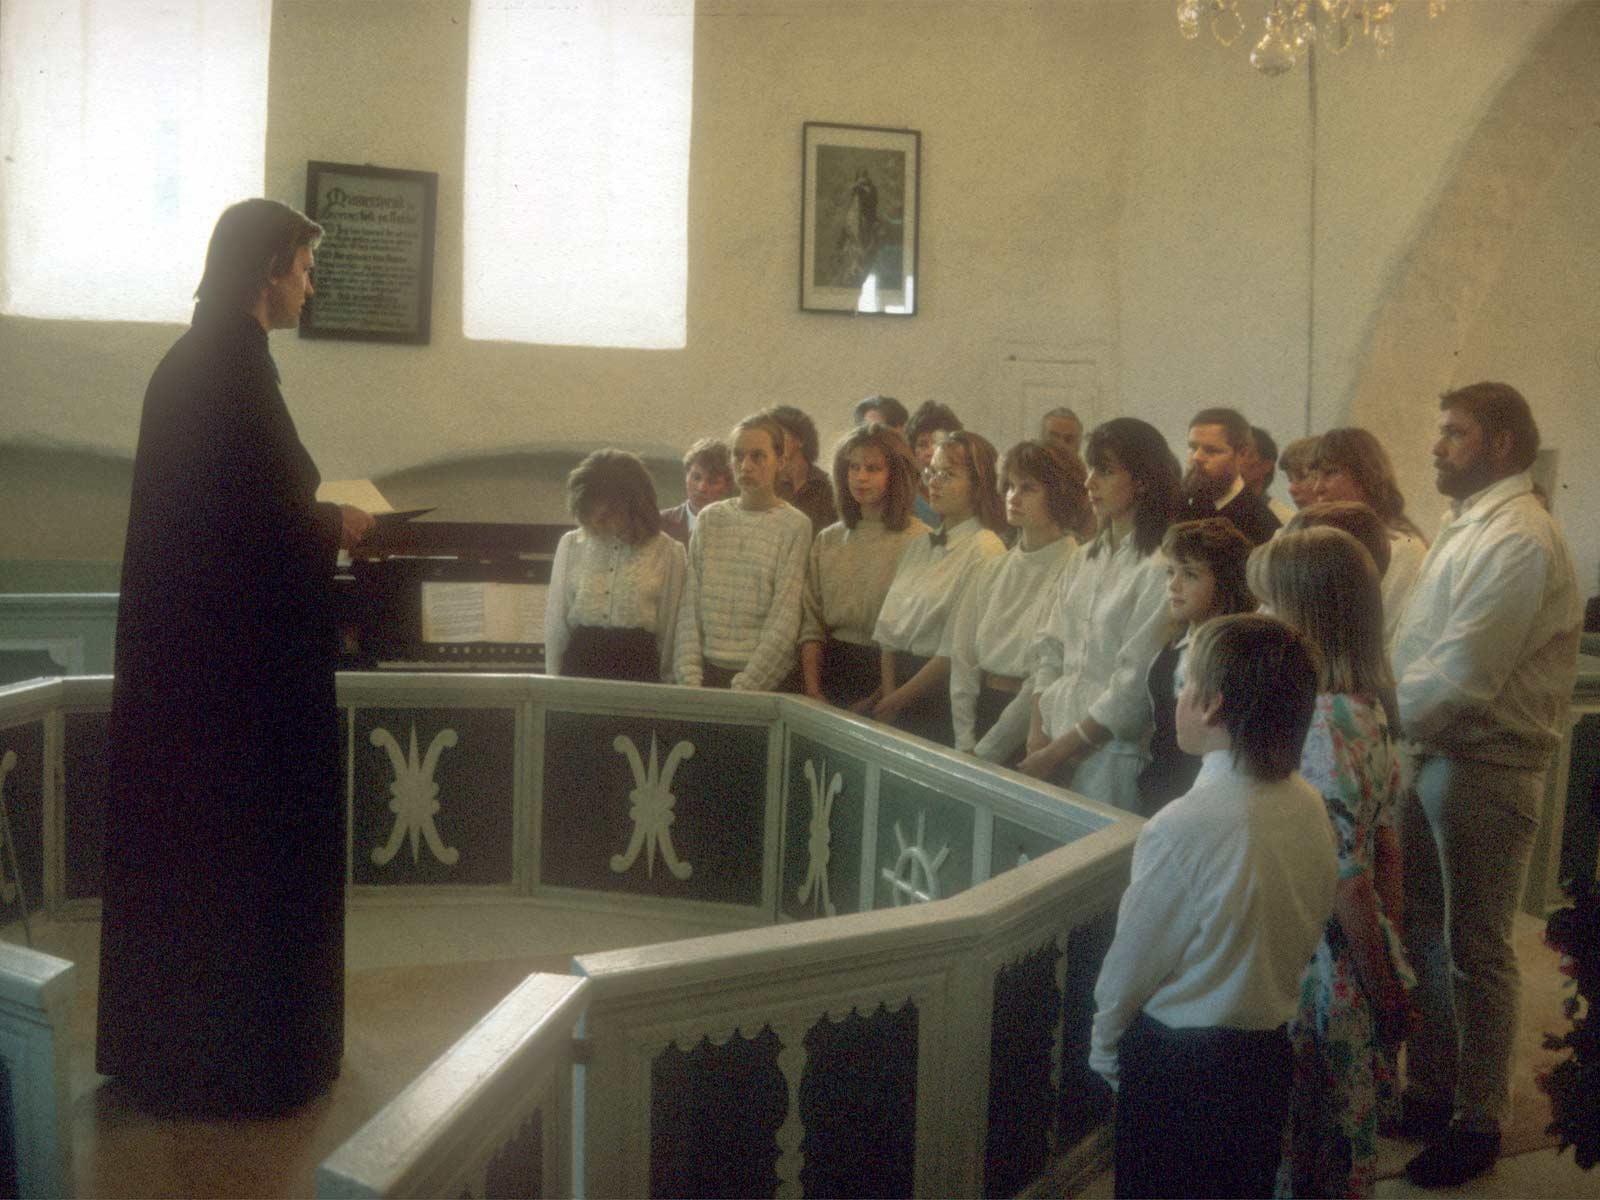 Leevi Reinaru talar till en grupp ungdomar och deras faddrar som blir döpta i Lääne-Nigula kyrka 3.6.1990.